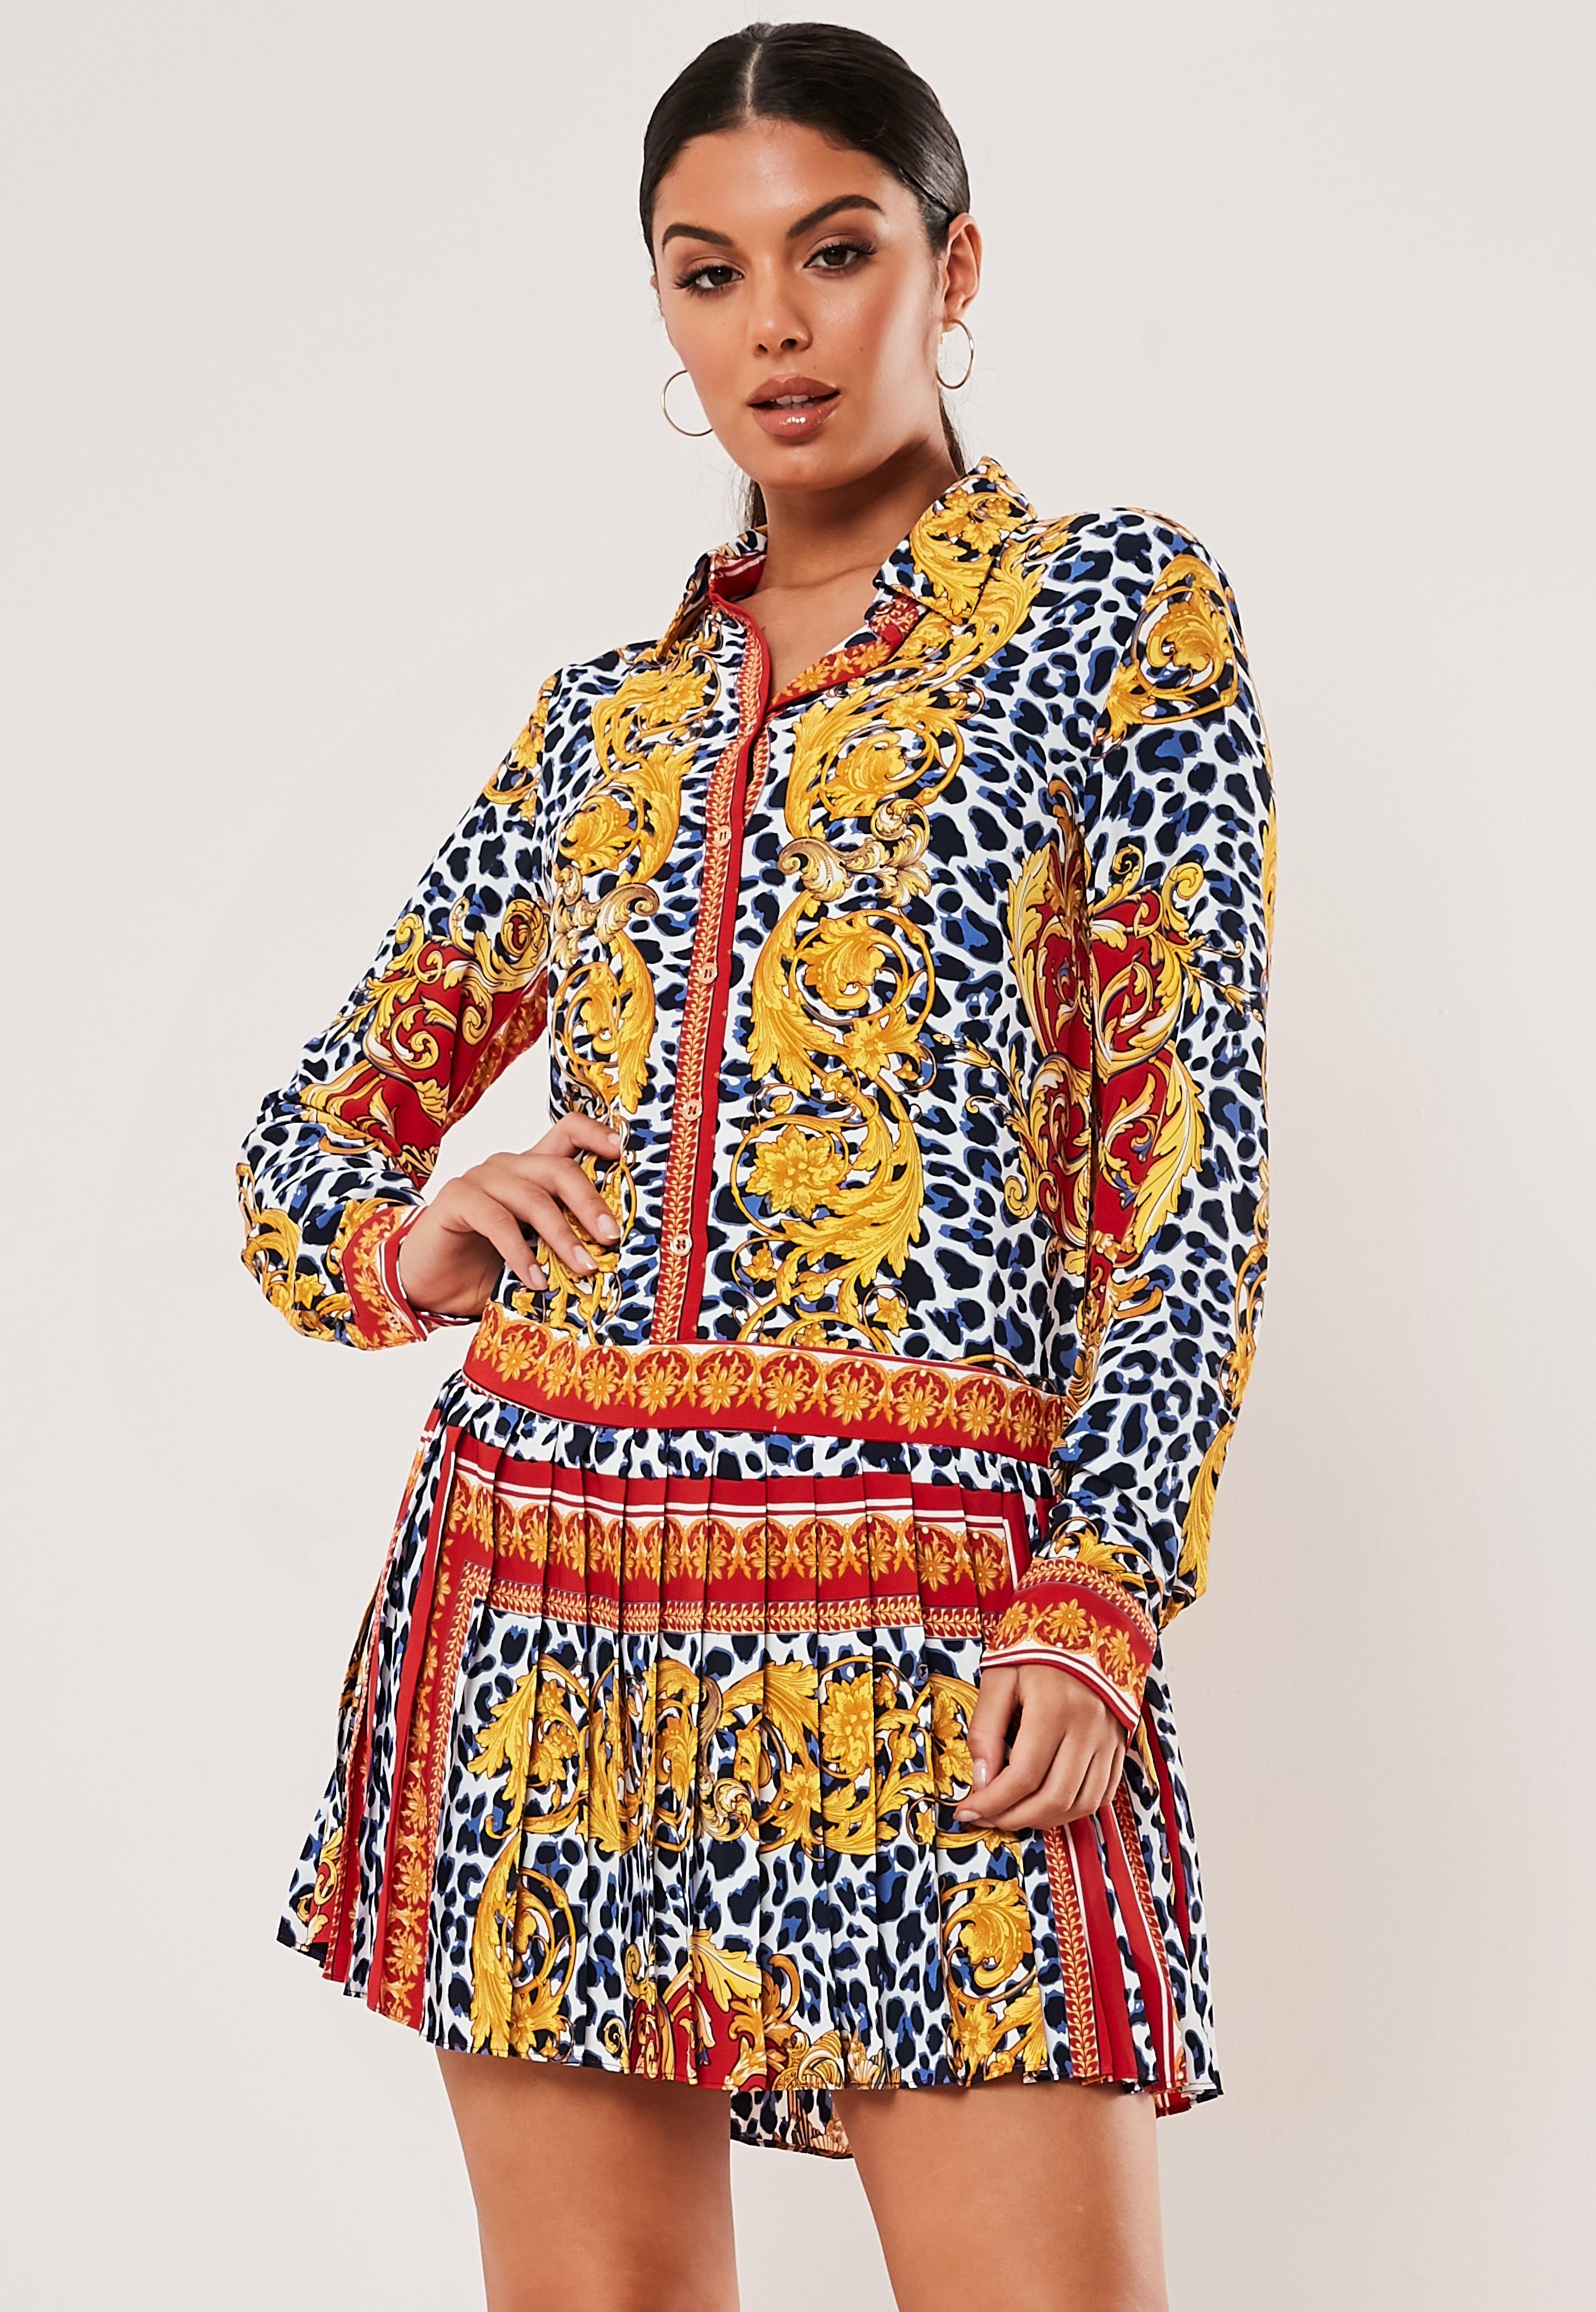 cf5ba48e4c7 Smock Dresses - Women's Cotton Dresses Online | Missguided